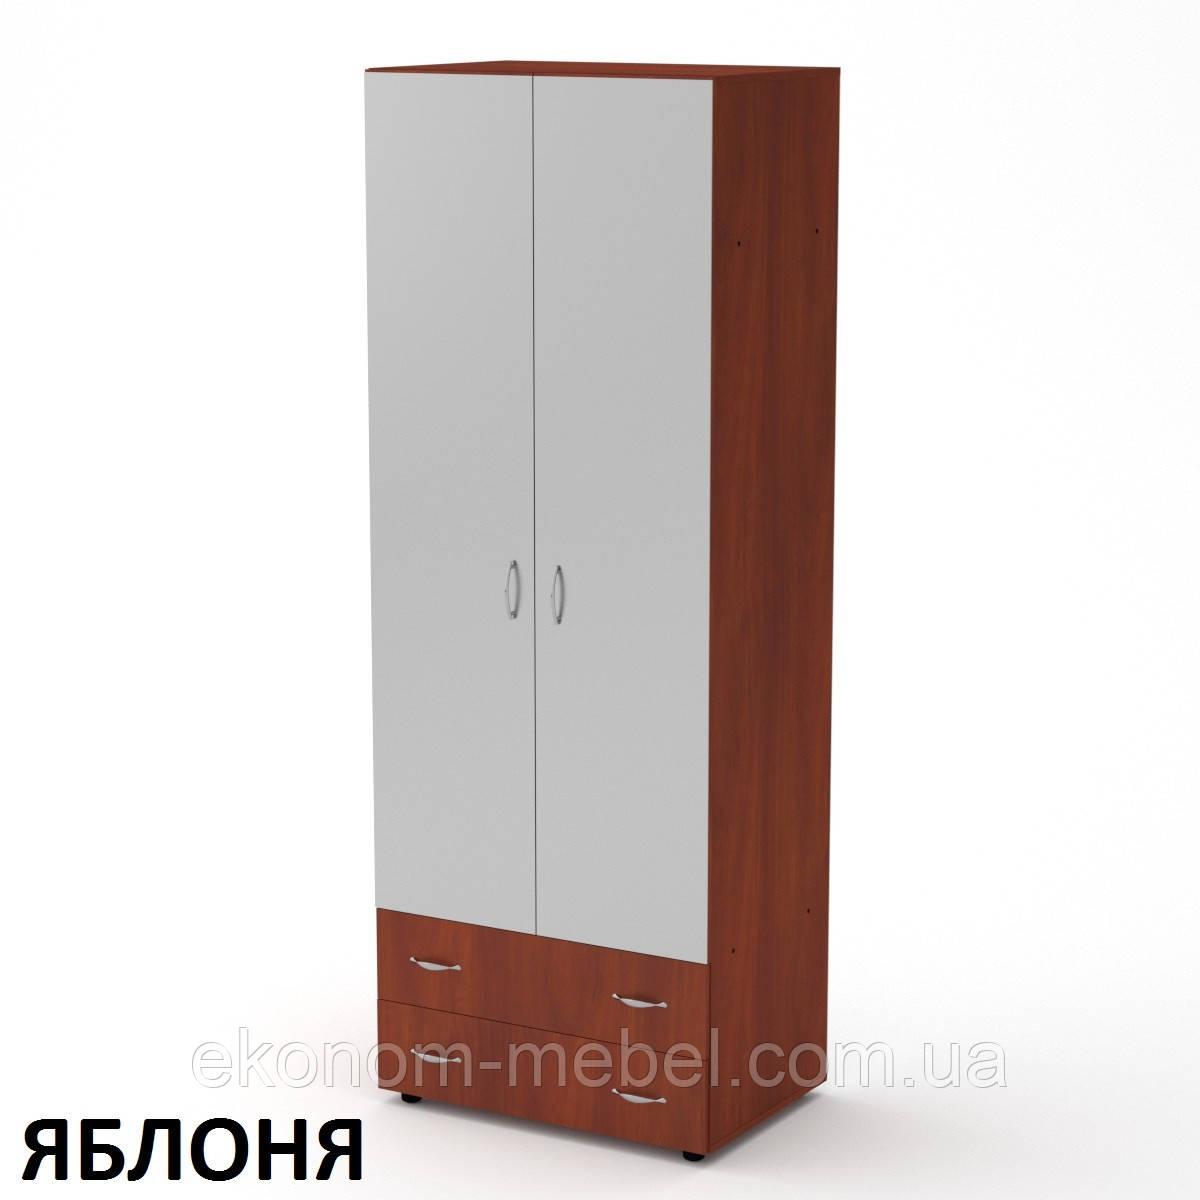 Шкаф-5 с зеркалами и выдвижными ящиками, одежный